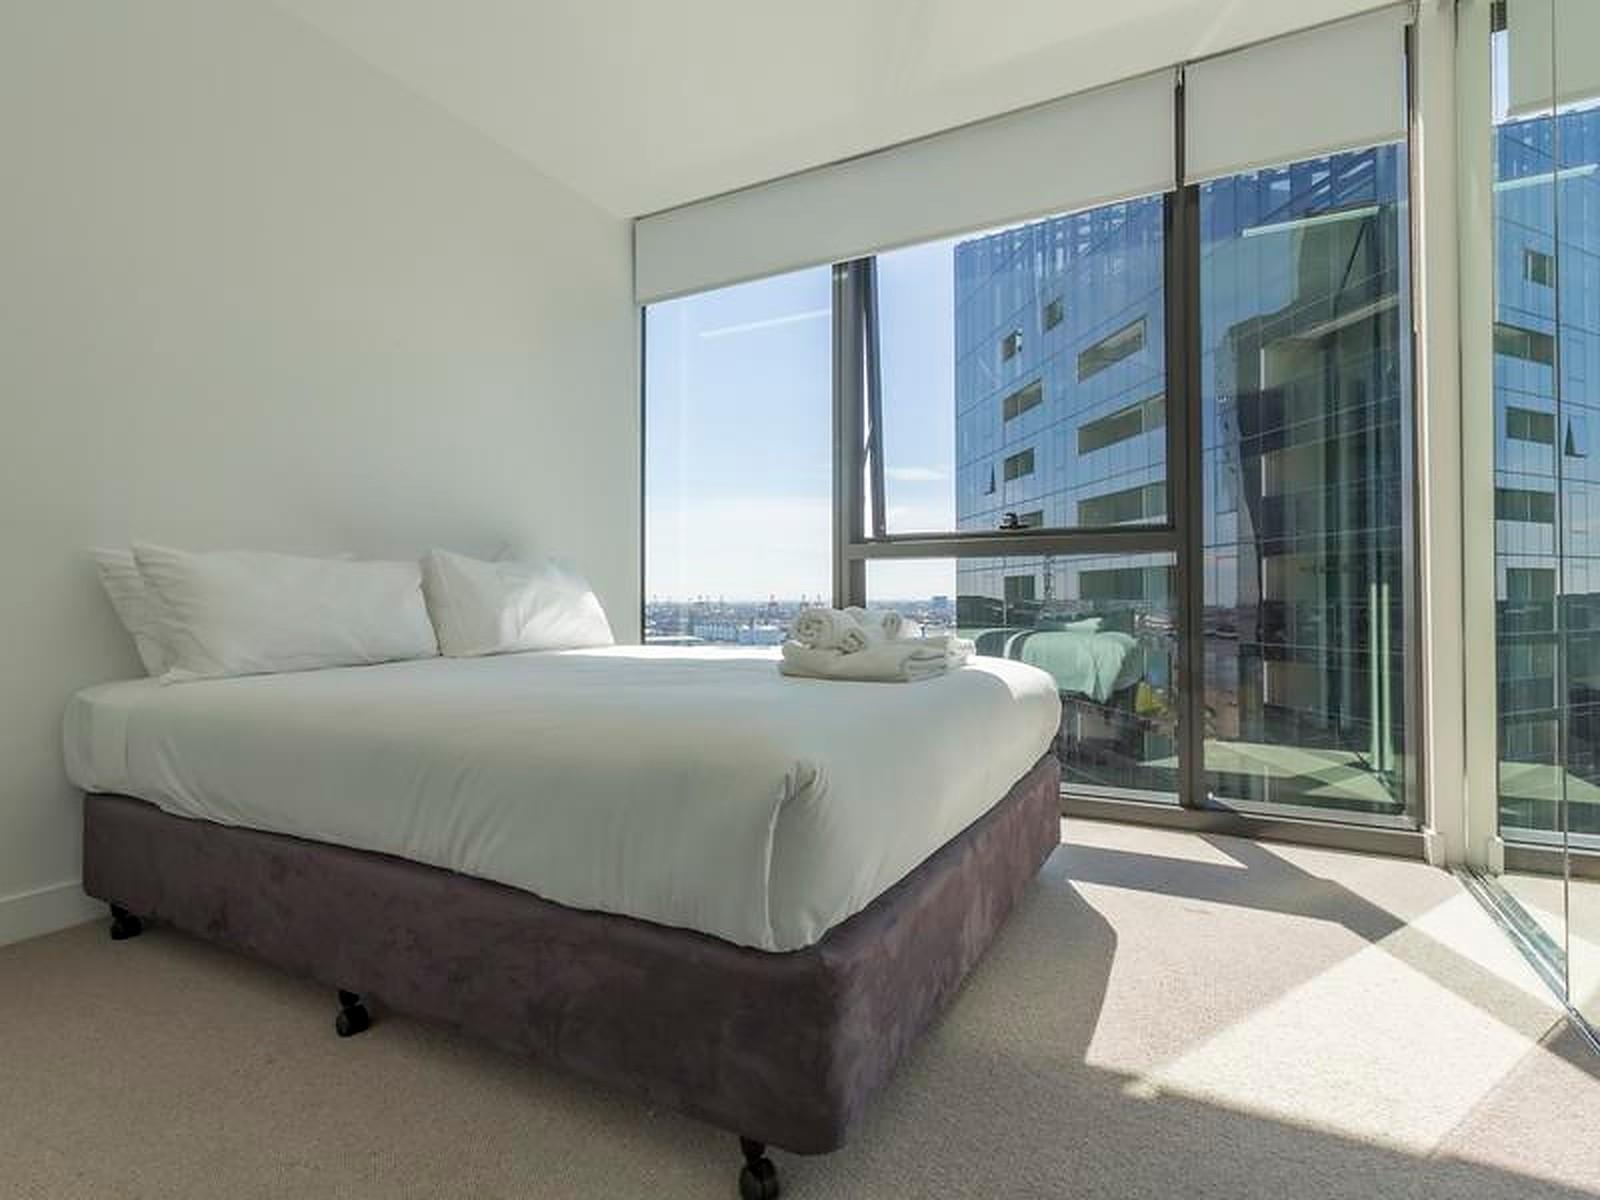 Ferienwohnung  (2781427), Melbourne, , Victoria, Australien, Bild 29